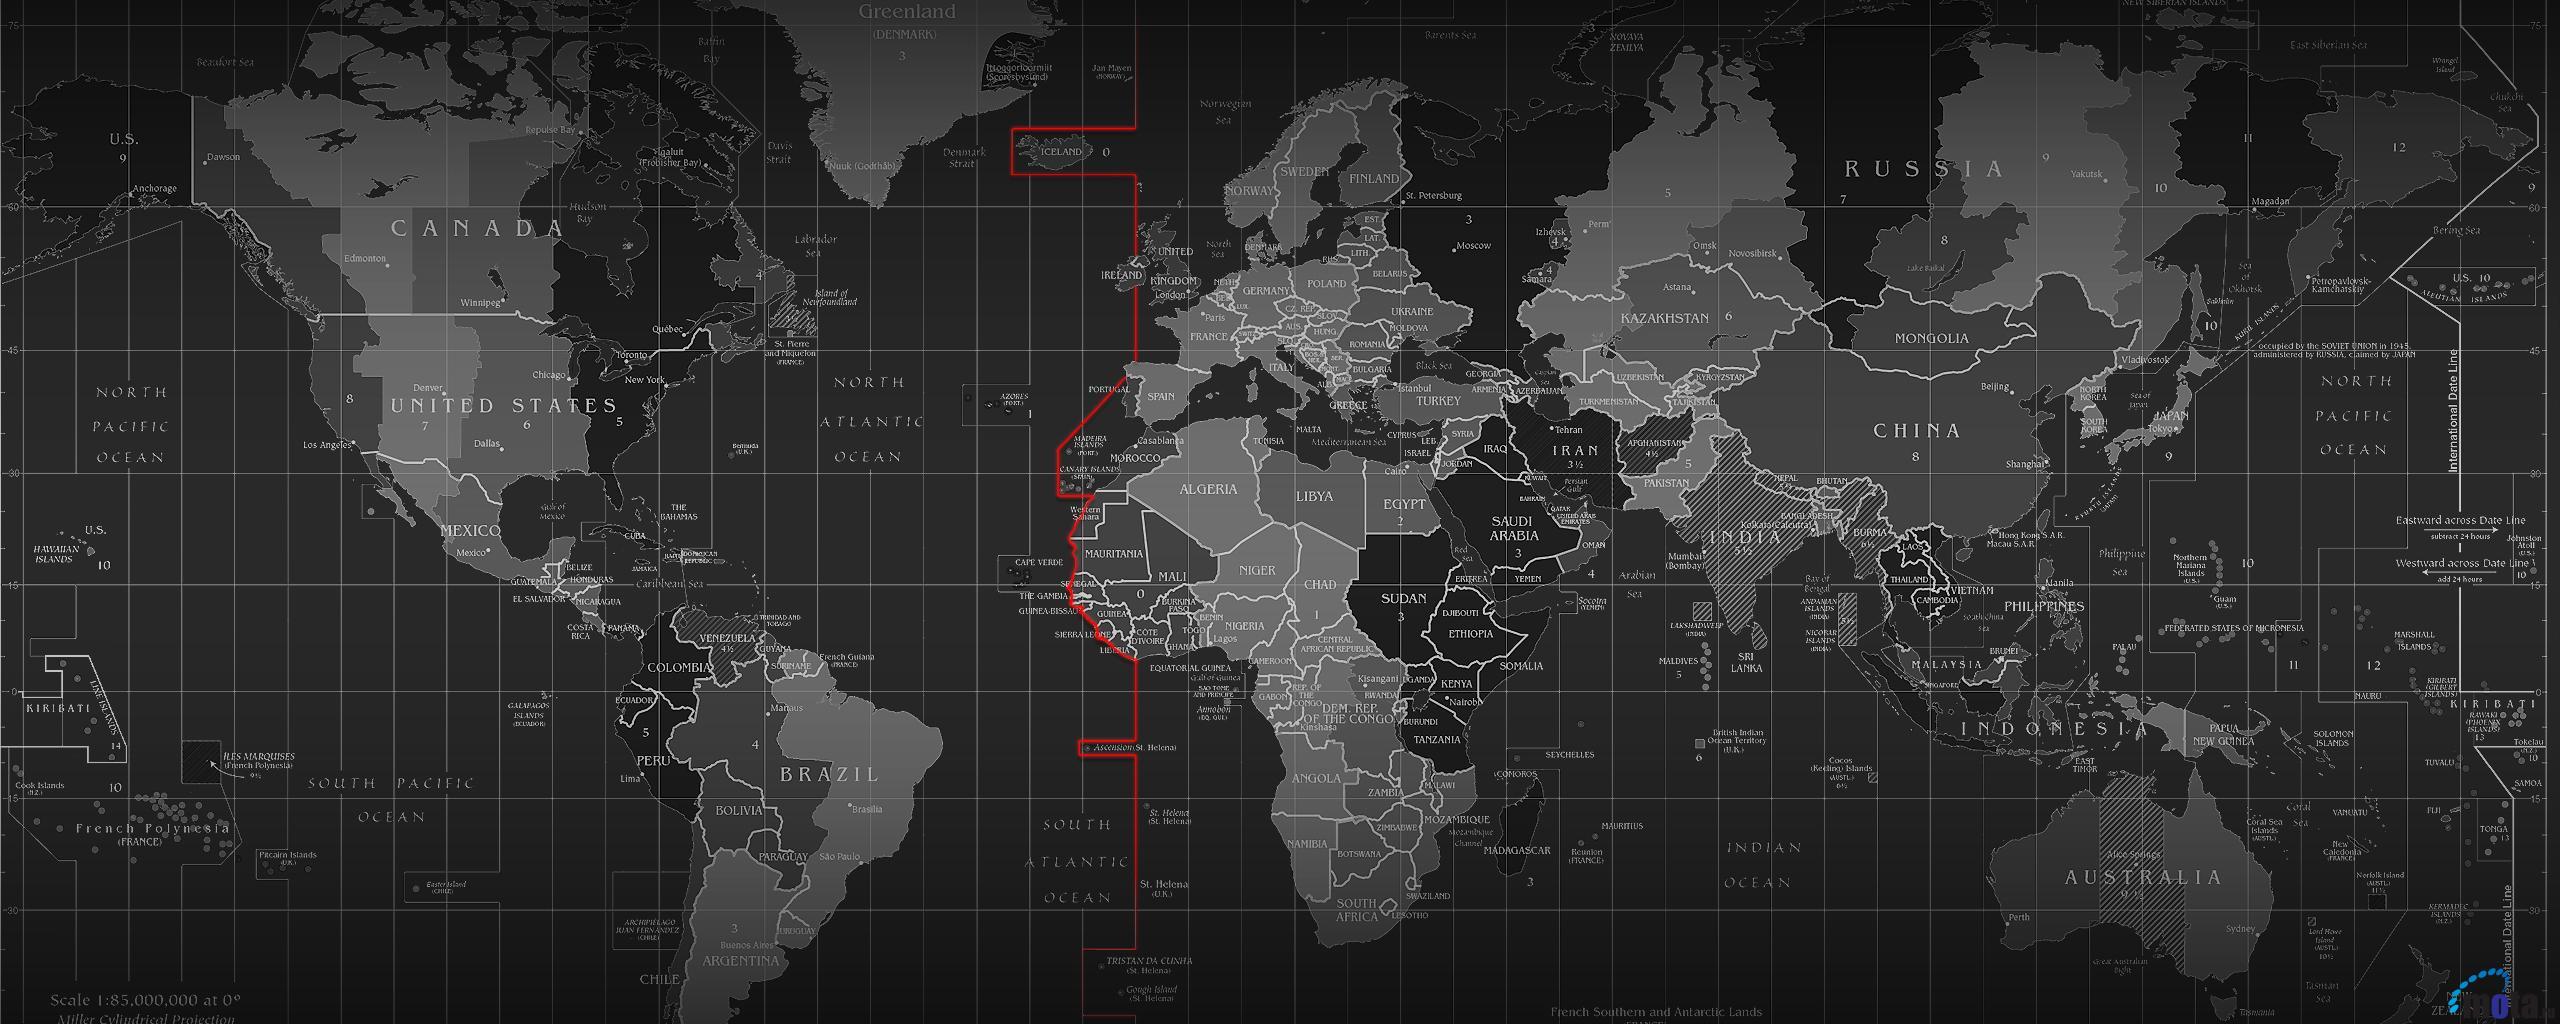 1000+ ideeën over Wallpaper Dual Screen op Pinterest - Monitor